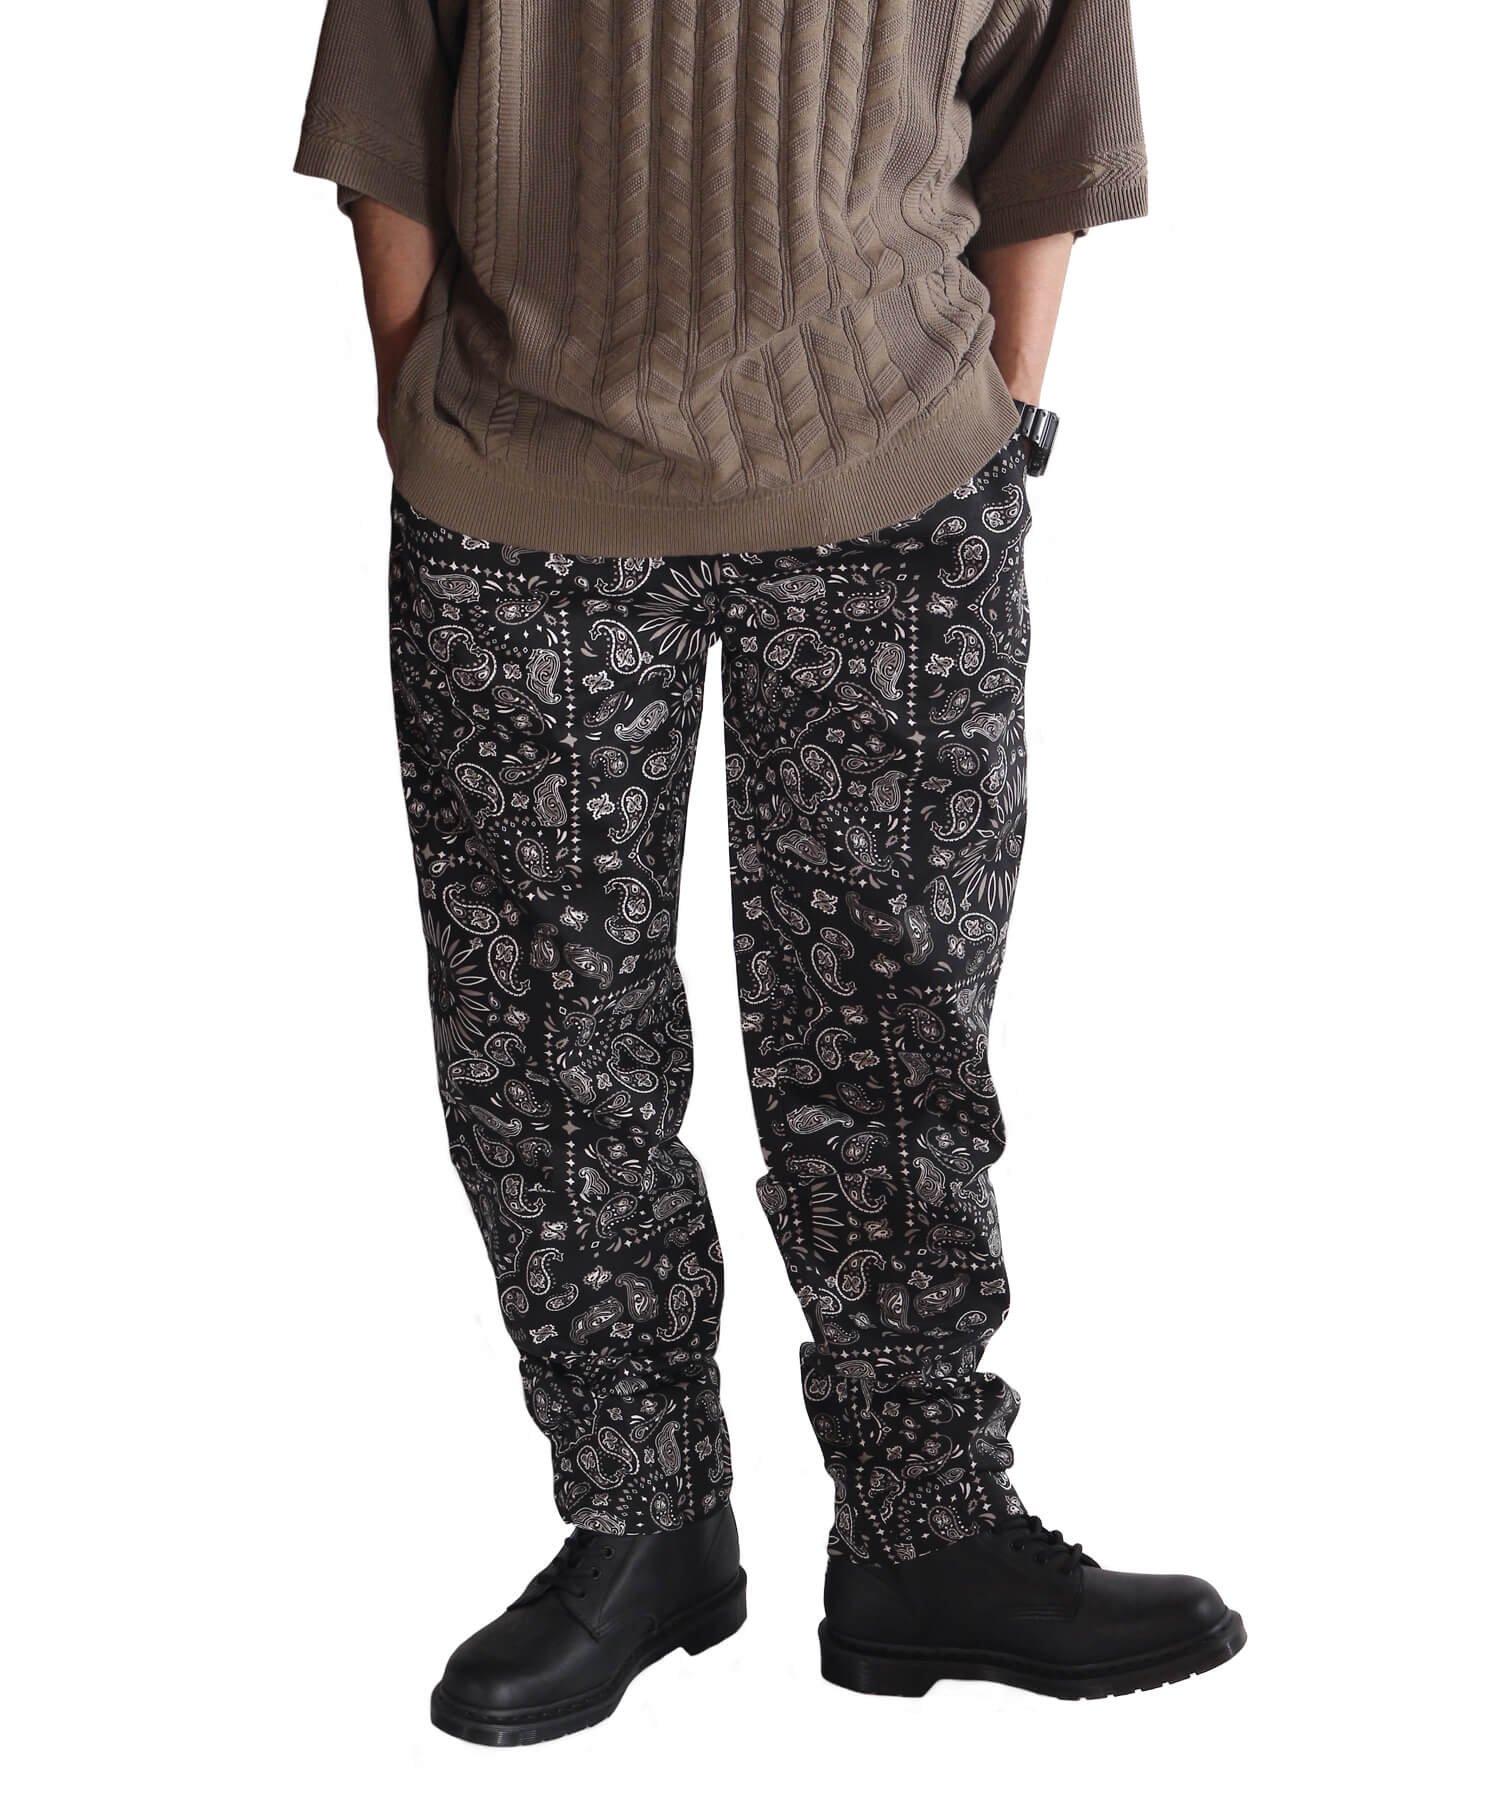 COOKMAN / クックマン   WAITER'S PANTS (PAISLEY BLACK):ウェイターズパンツ 商品画像17